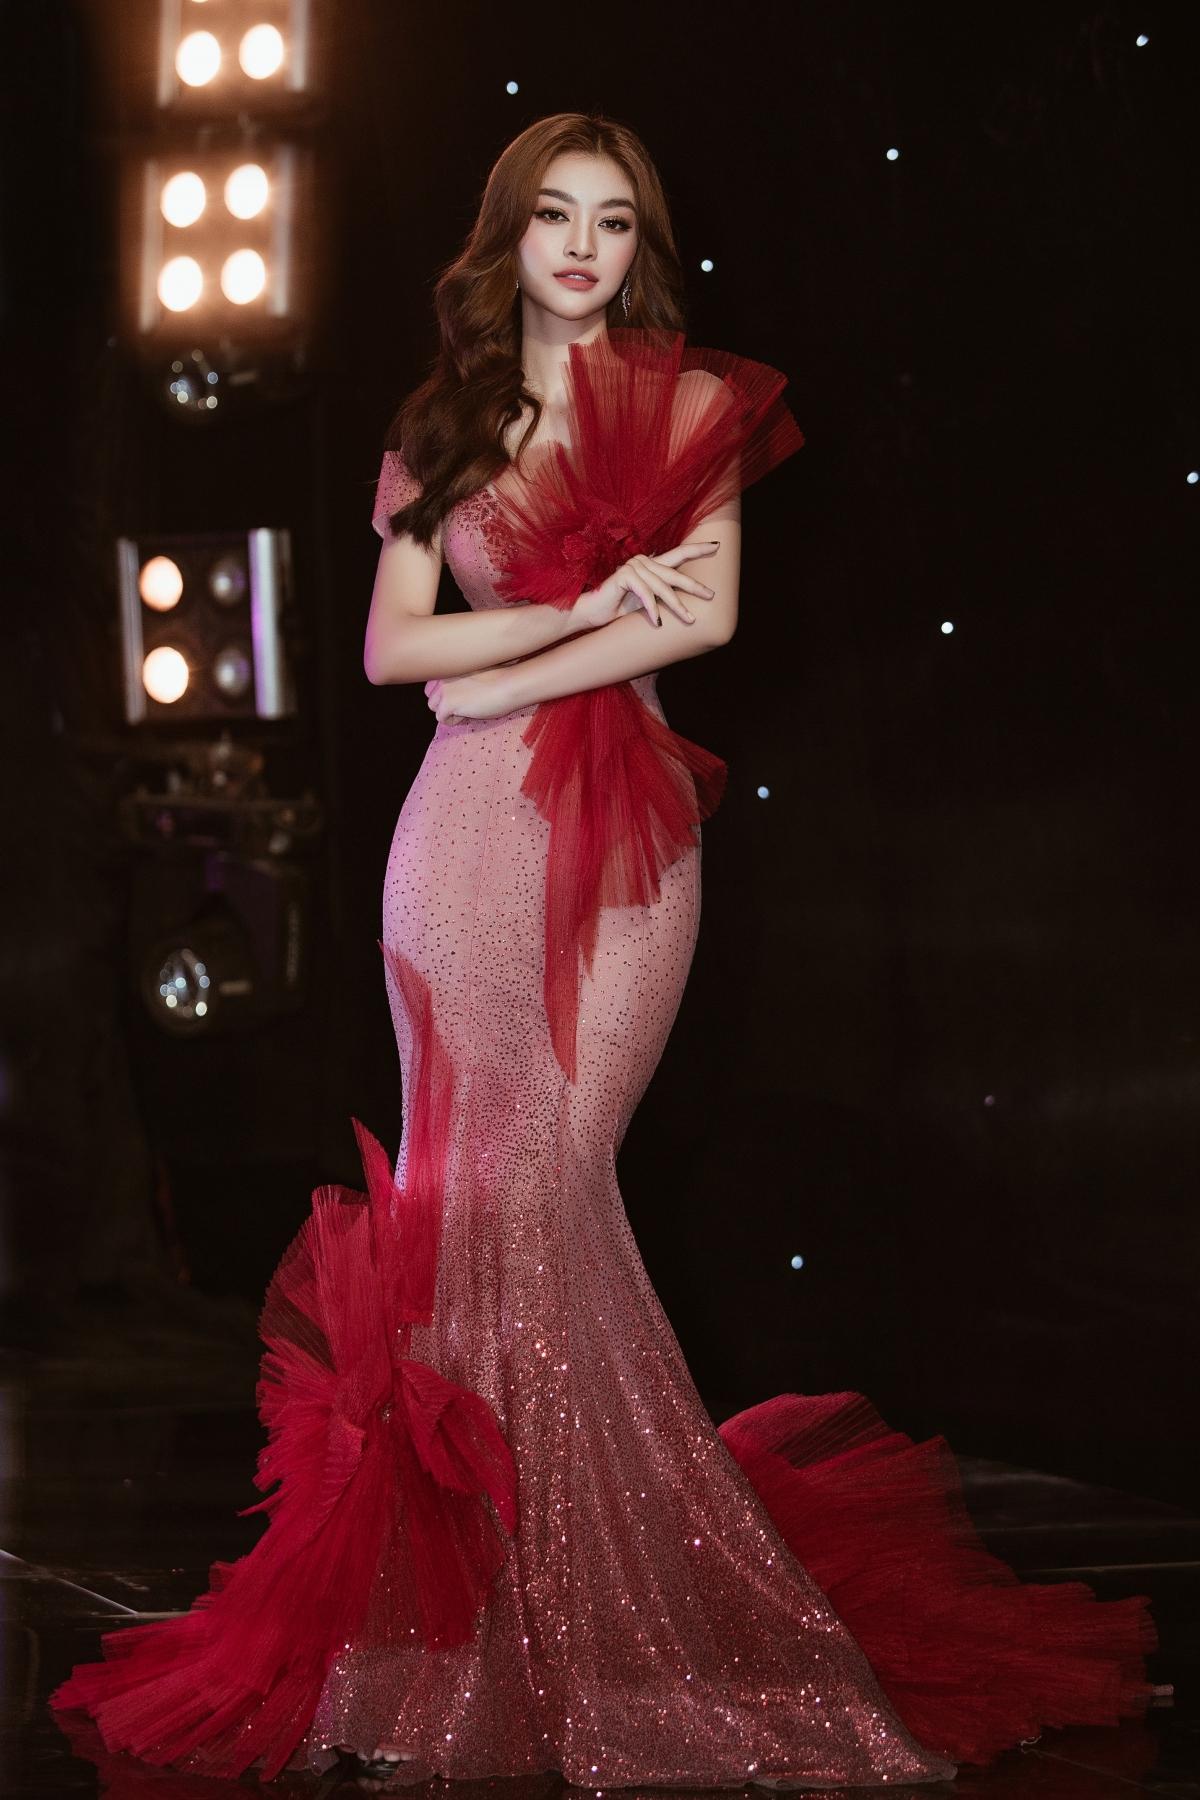 Đại diện cho mùa đặc biệt nhất trong năm - mùa xuân, Á hậu Kiều Loan diện đầm đỏ khí chất chuẩn beauty queen.